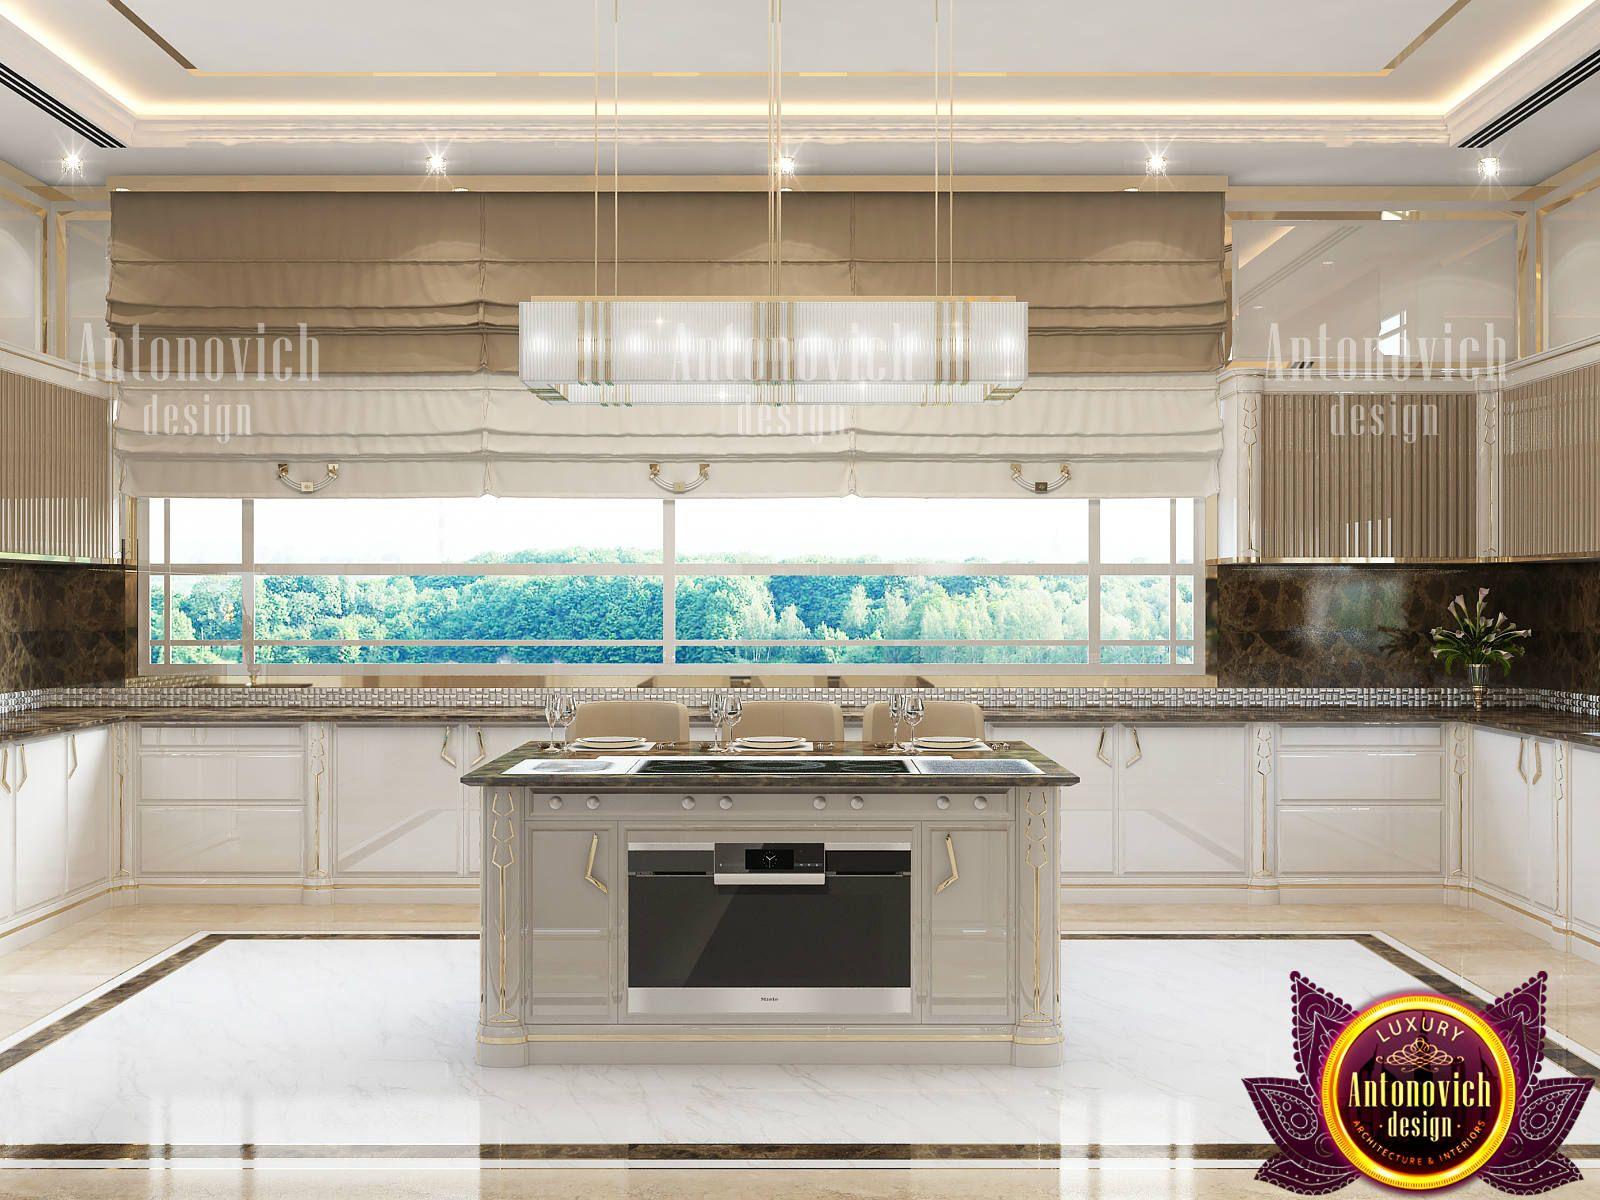 Kitchen Design In Modern Style Modern Kitchen Cabinet Design Kitchen Design Modern White Kitchen Design